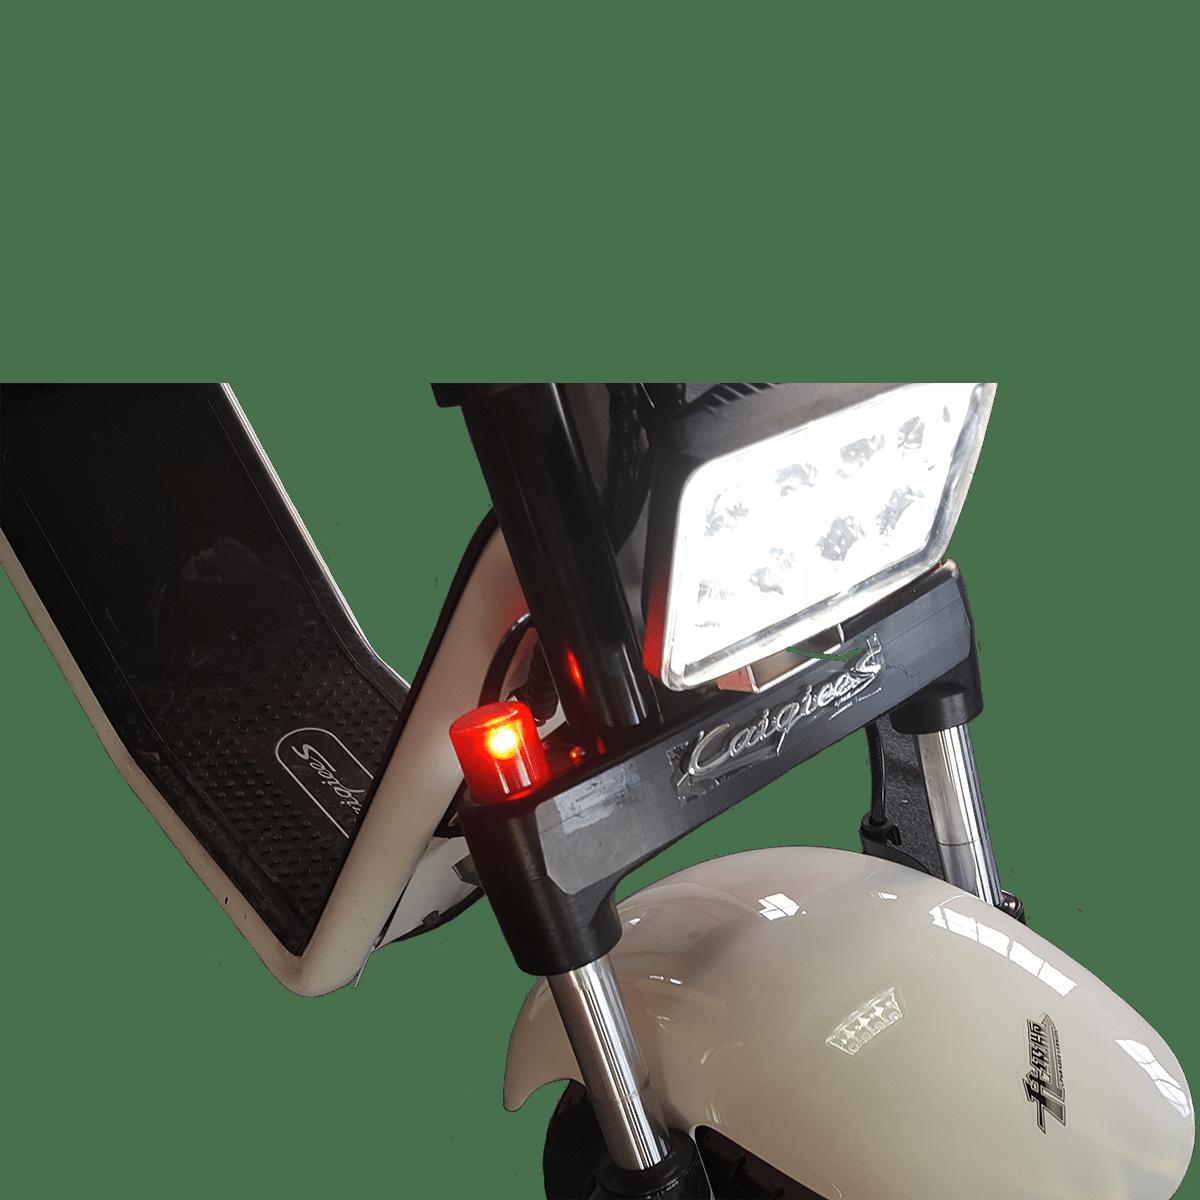 Caigees est équipée d'un éclairage LED avant